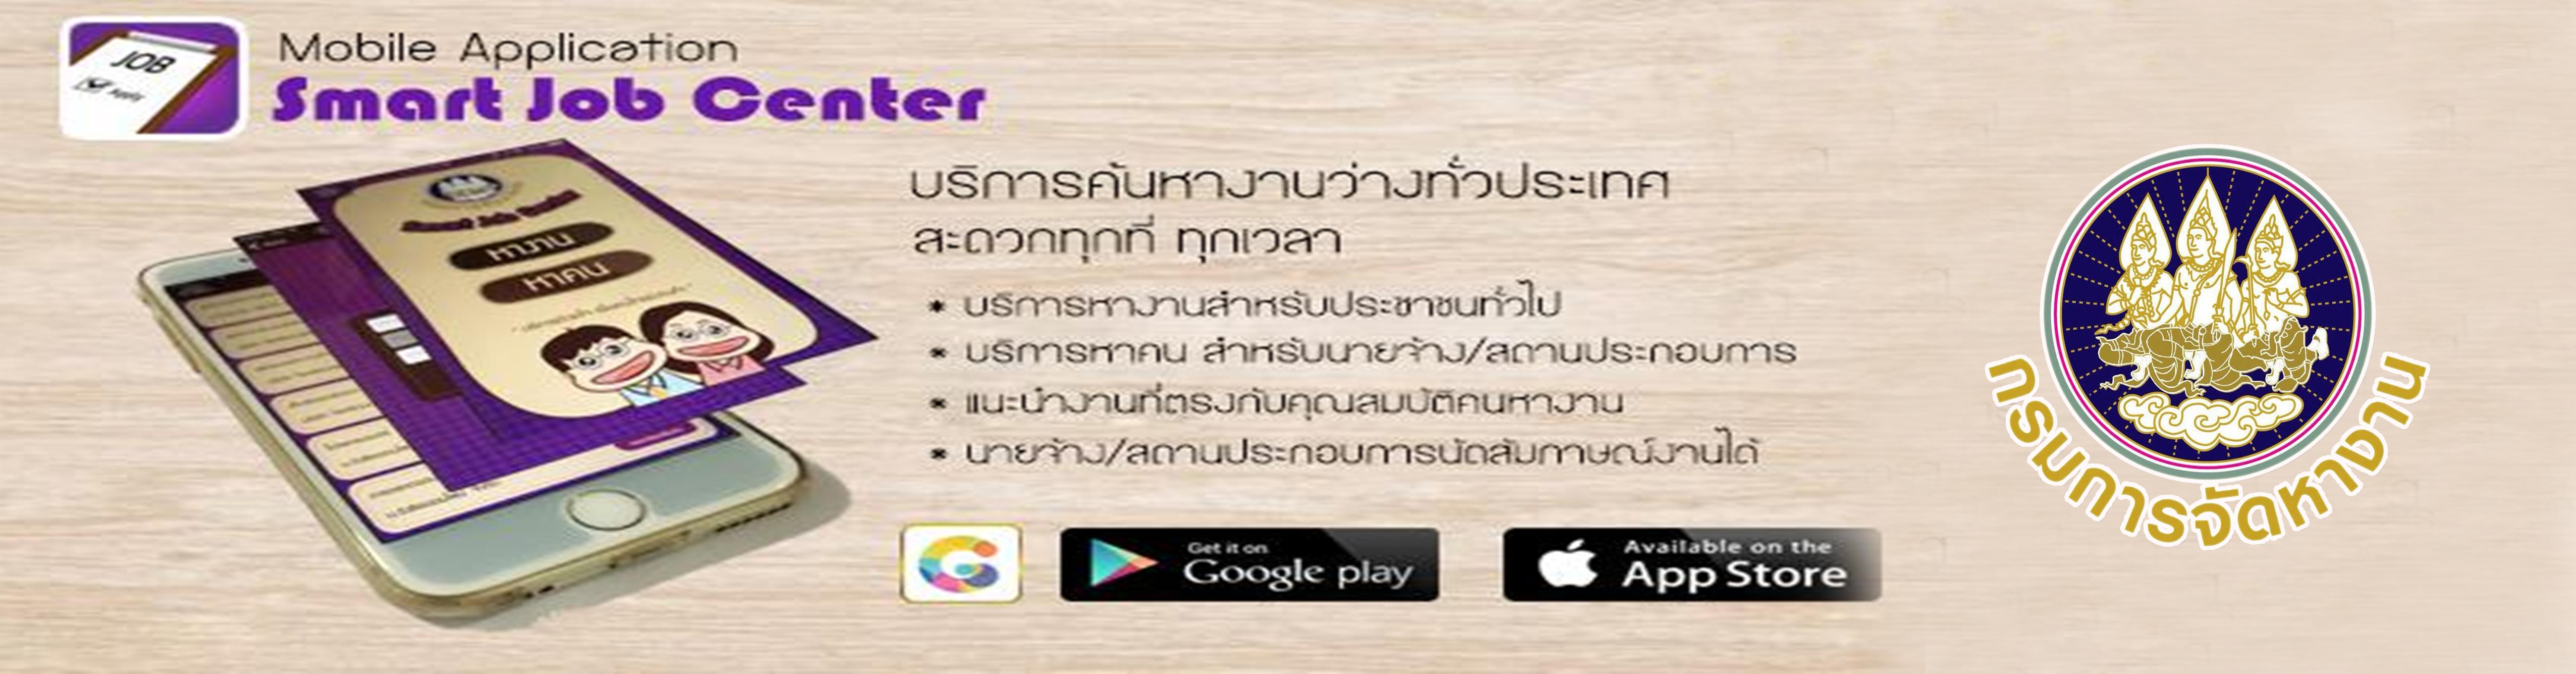 เปิดให้บริการหางานผ่าน Mobile Application